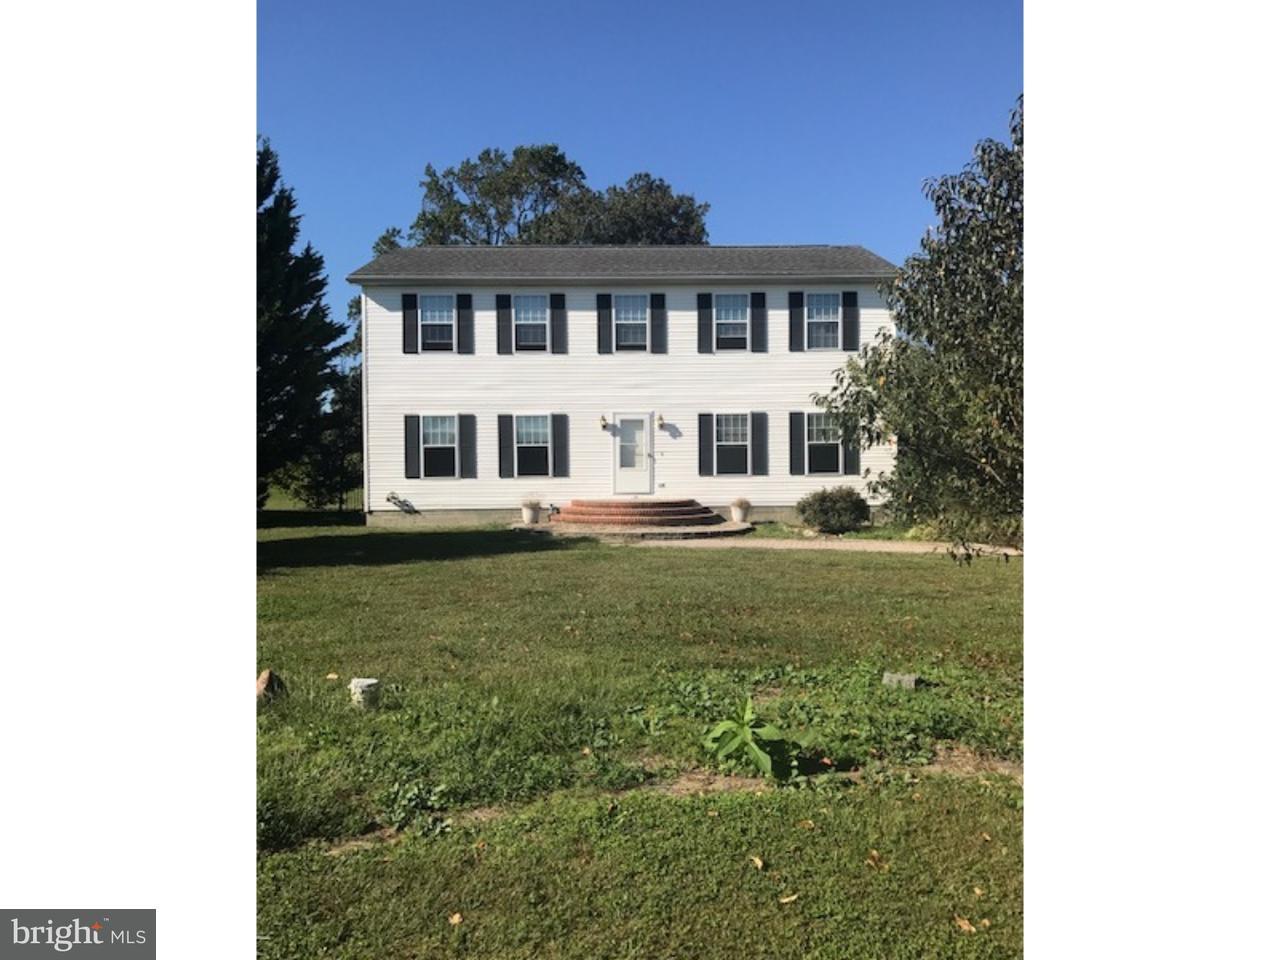 Частный односемейный дом для того Аренда на 495 ANDREWS LAKE Road Felton, Делавэр 19943 Соединенные Штаты